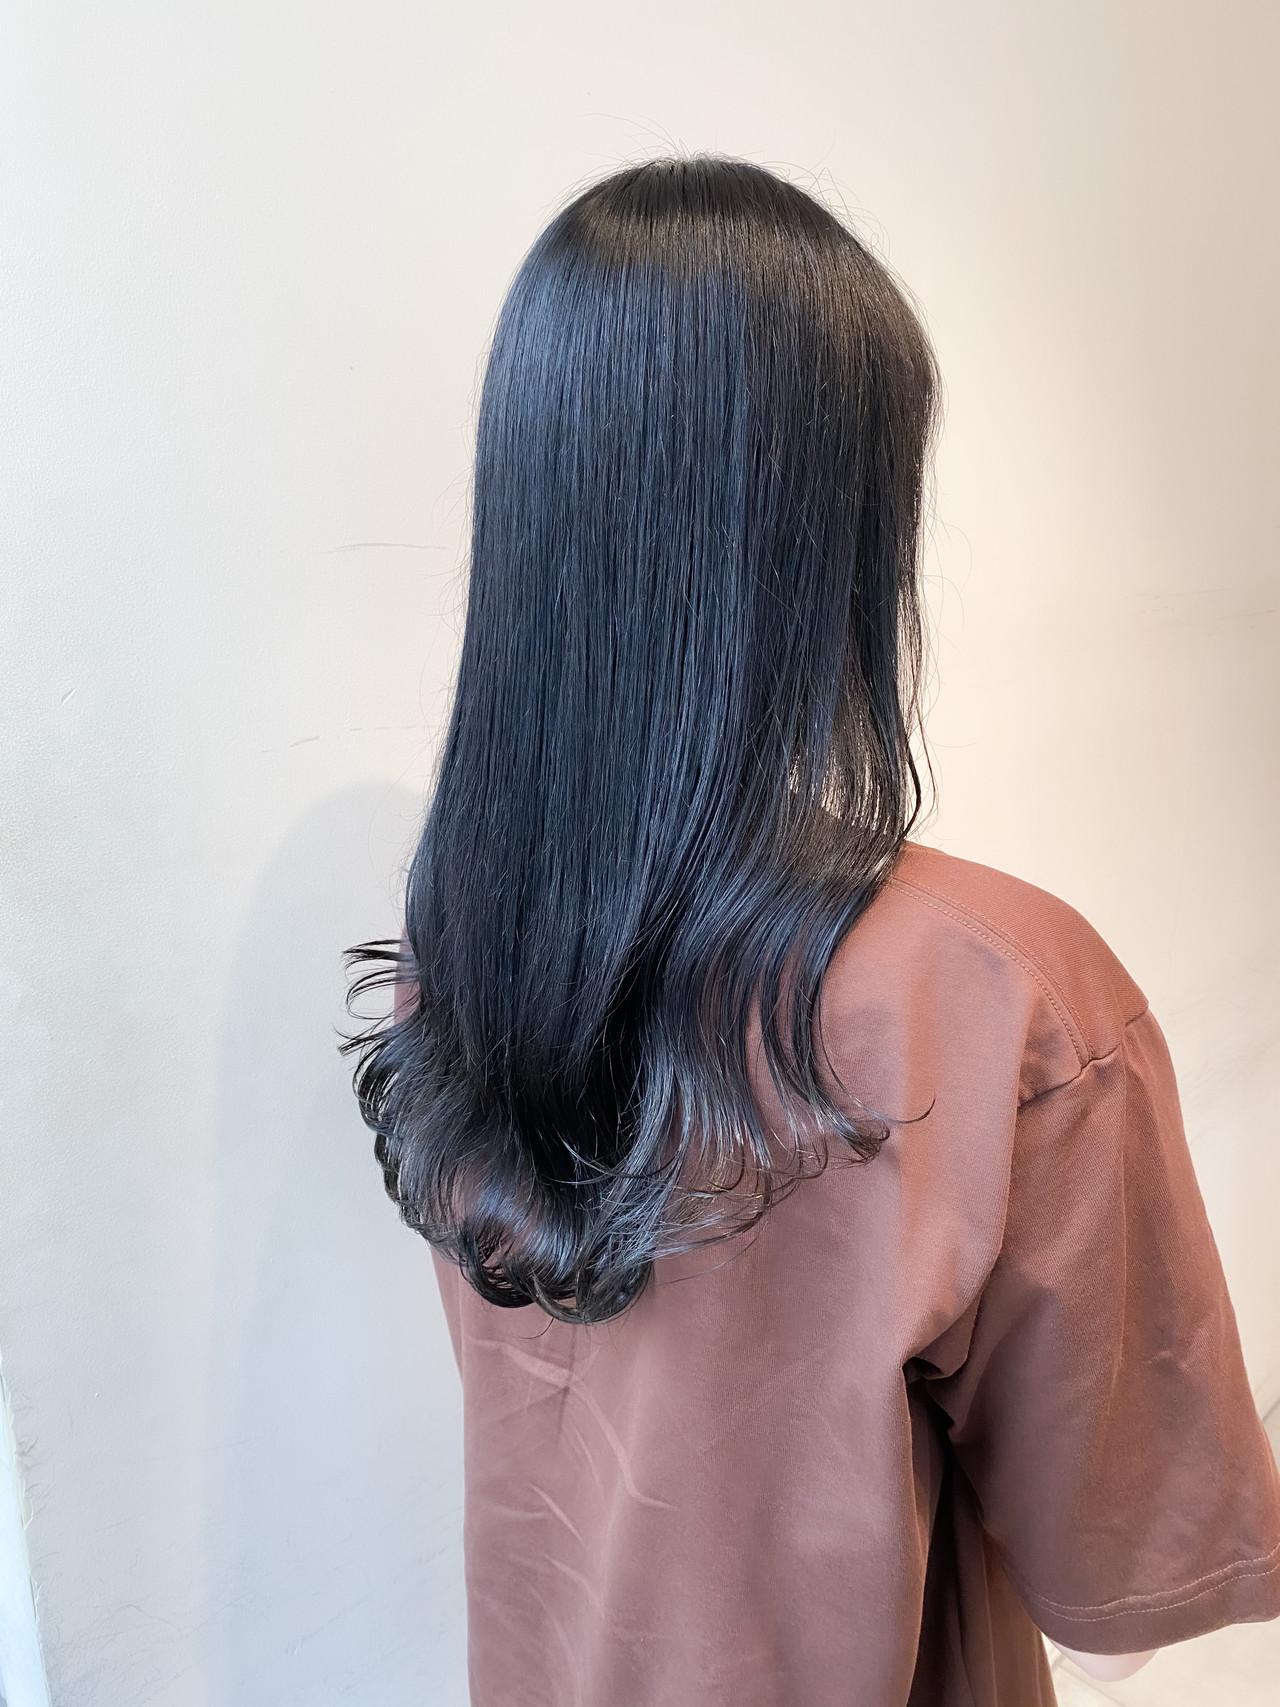 ナチュラル ブルーブラック セミロング インナーカラー ヘアスタイルや髪型の写真・画像